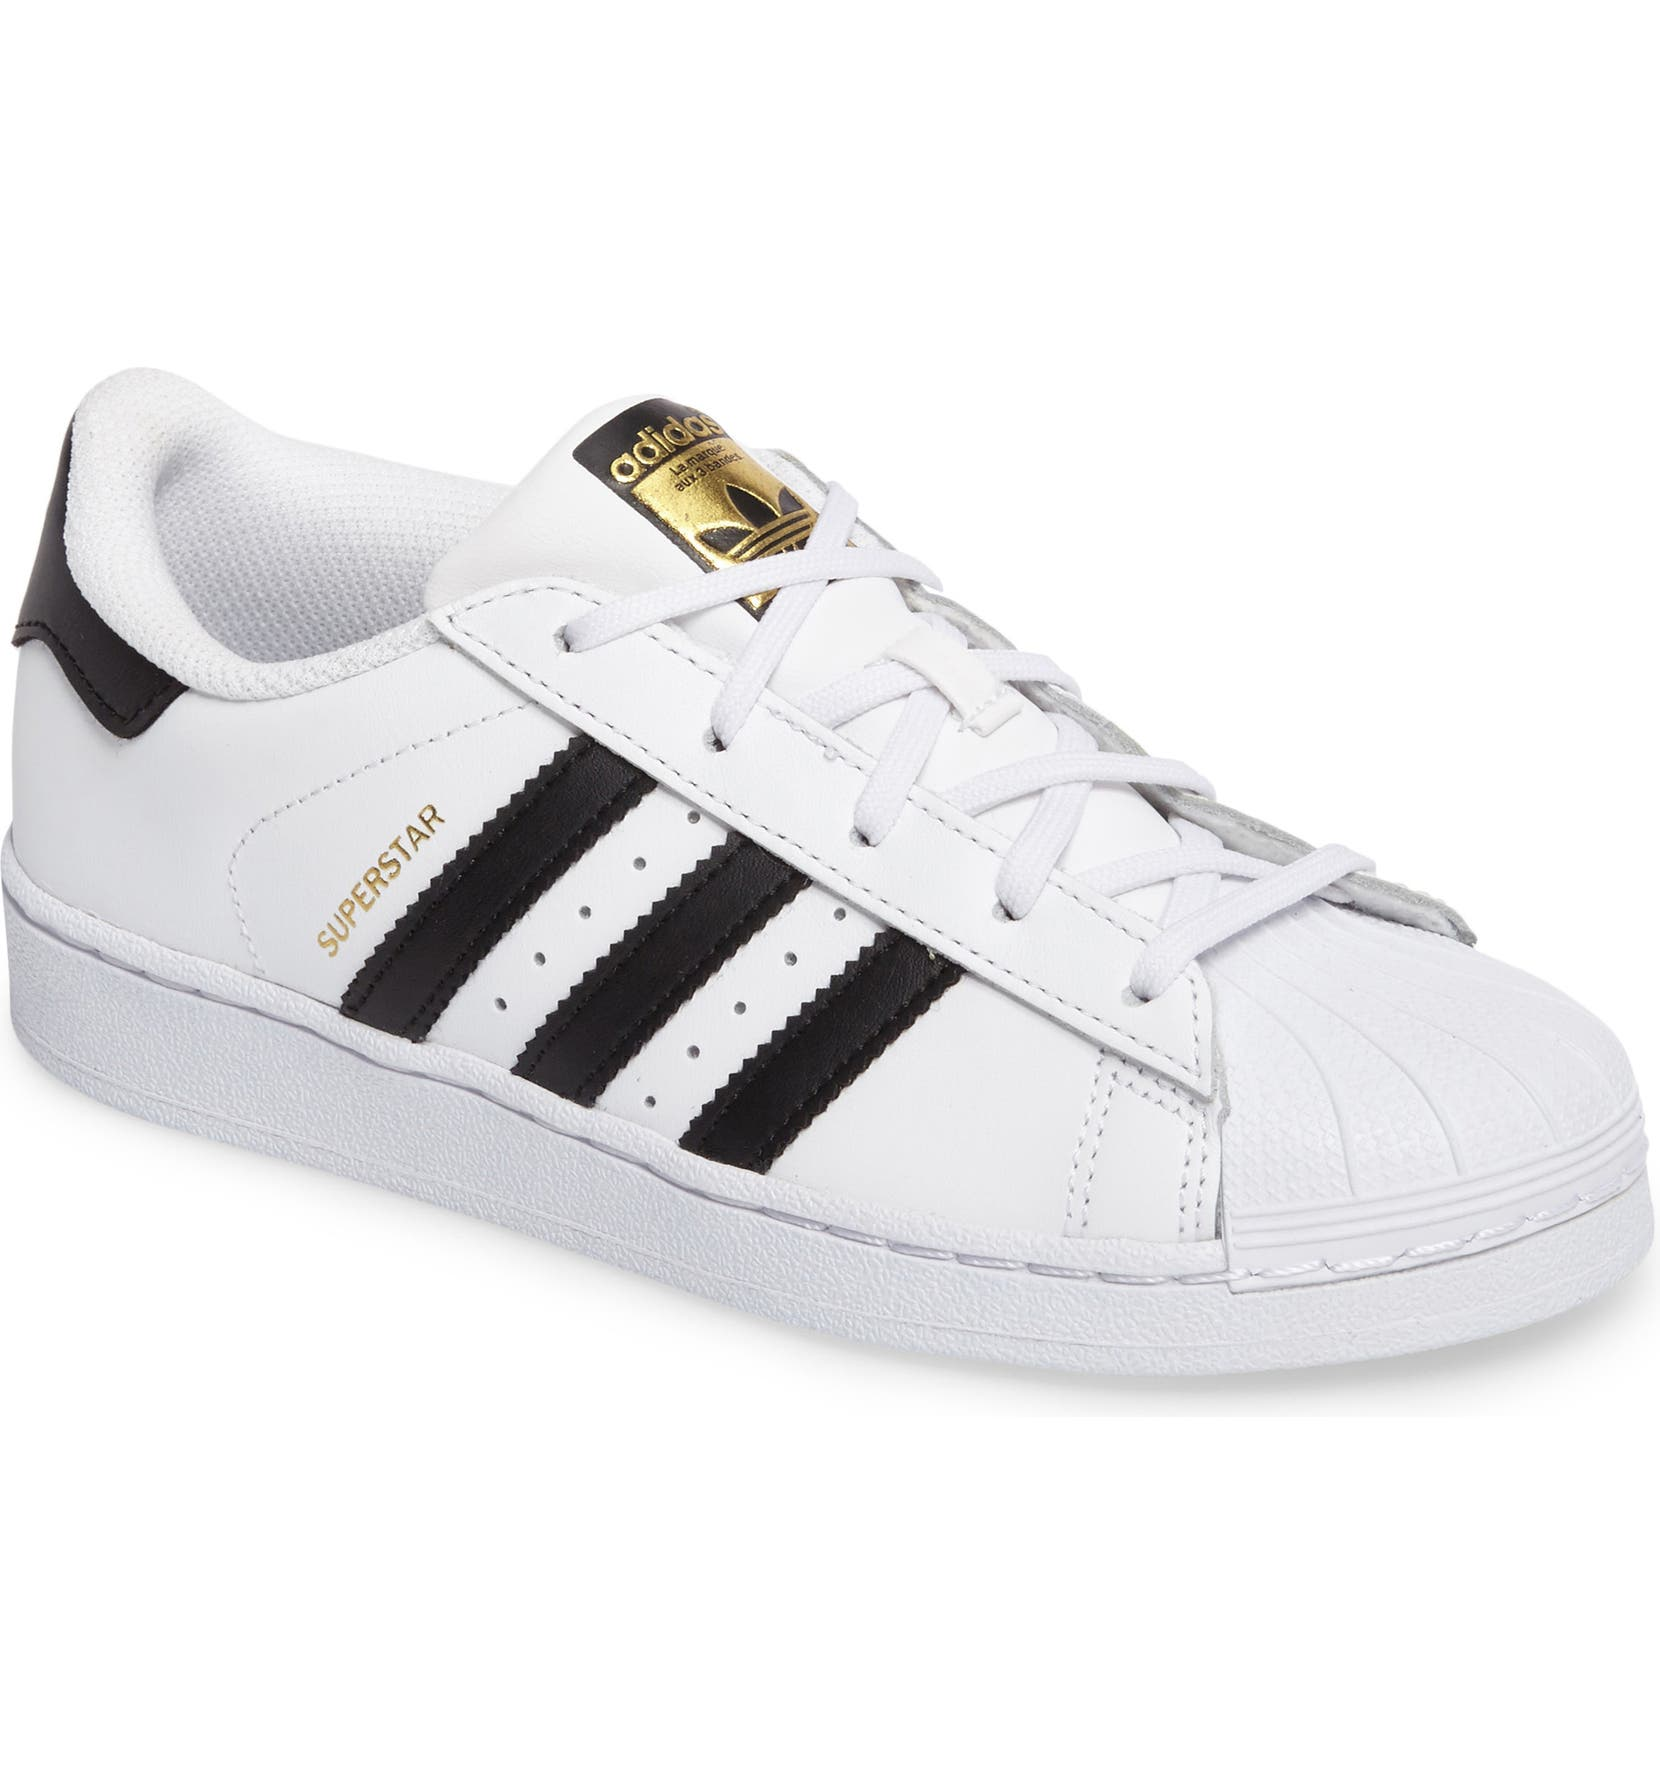 meilleur service 285a6 13109 'Superstar Foundation' Sneaker